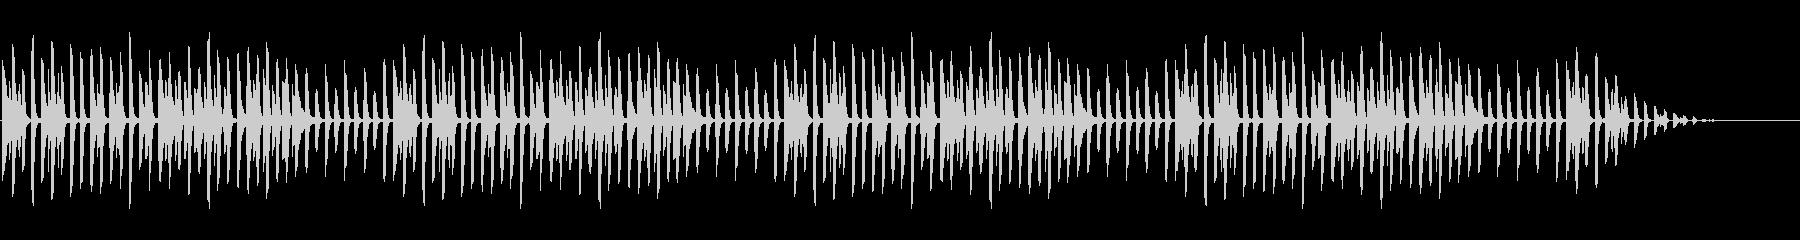 冬の童謡の定番「雪」シンプルなピアノソロの未再生の波形